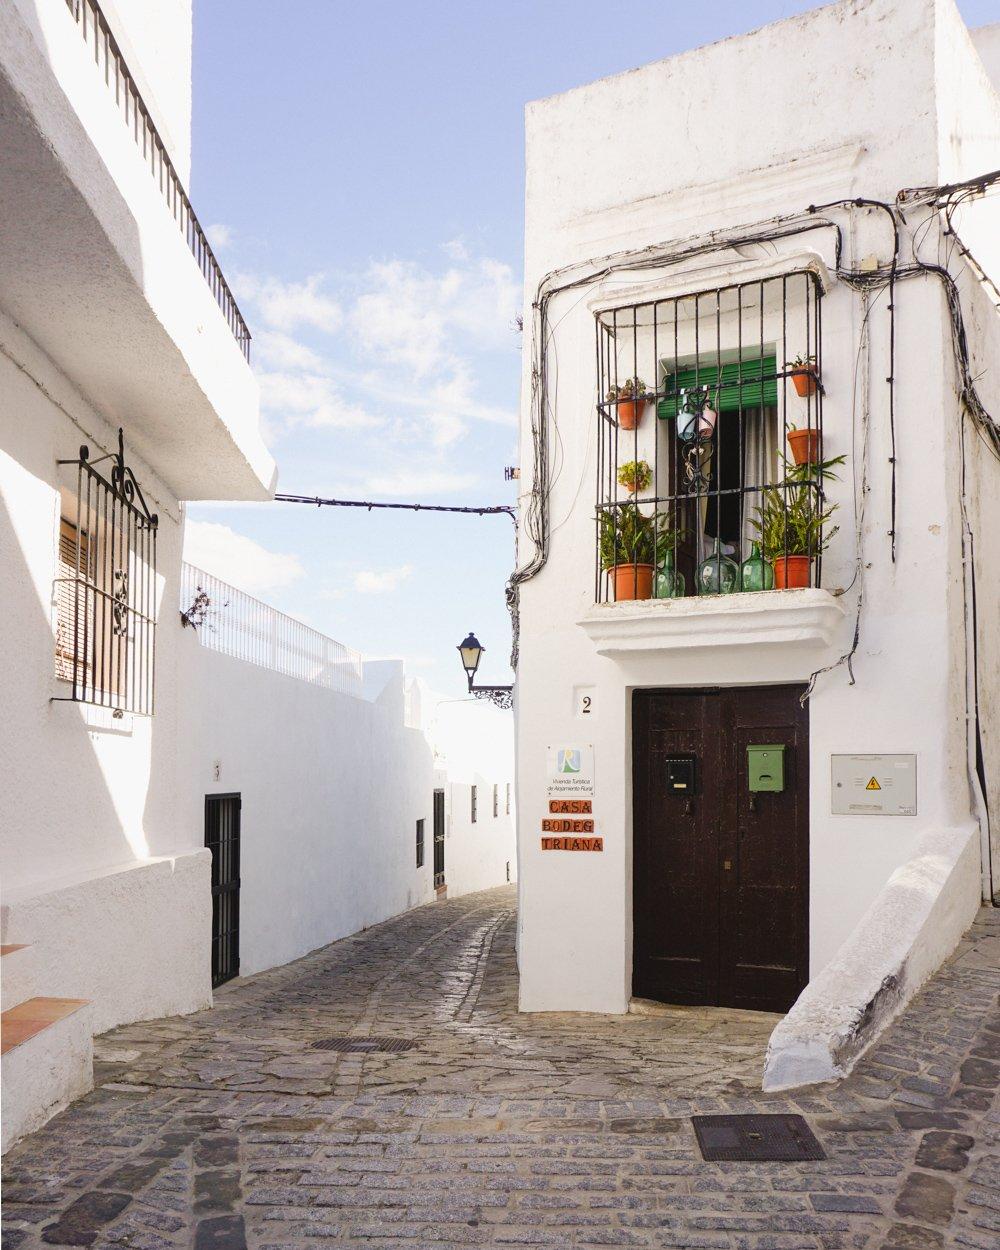 Vejer de la Frontera | Spain Travel